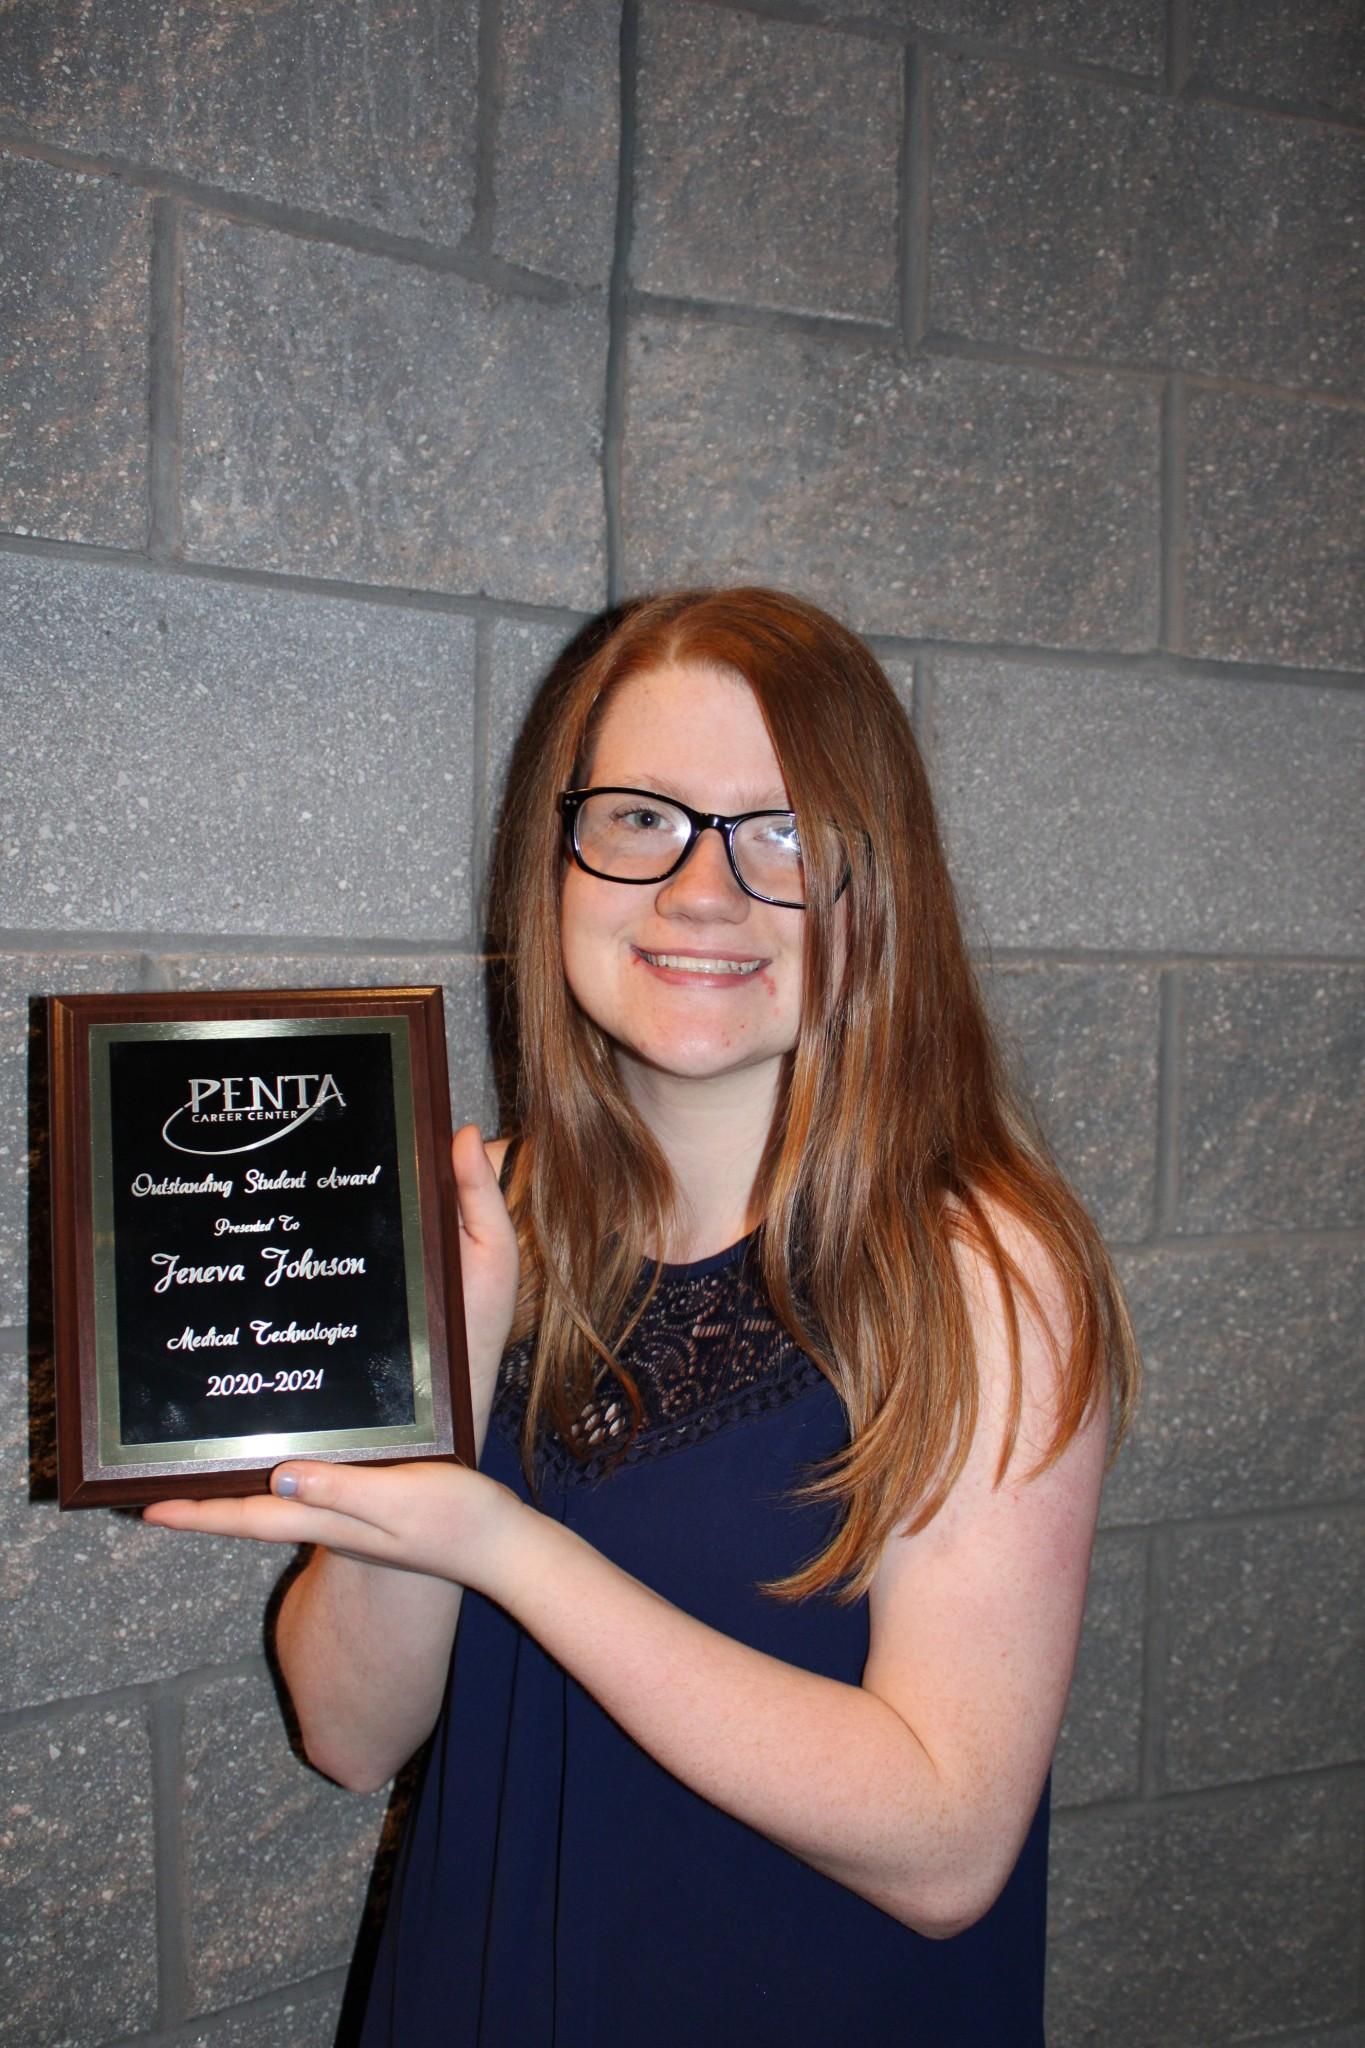 Jeneva Johnson, Oak Harbor, Medical Technologies Program.